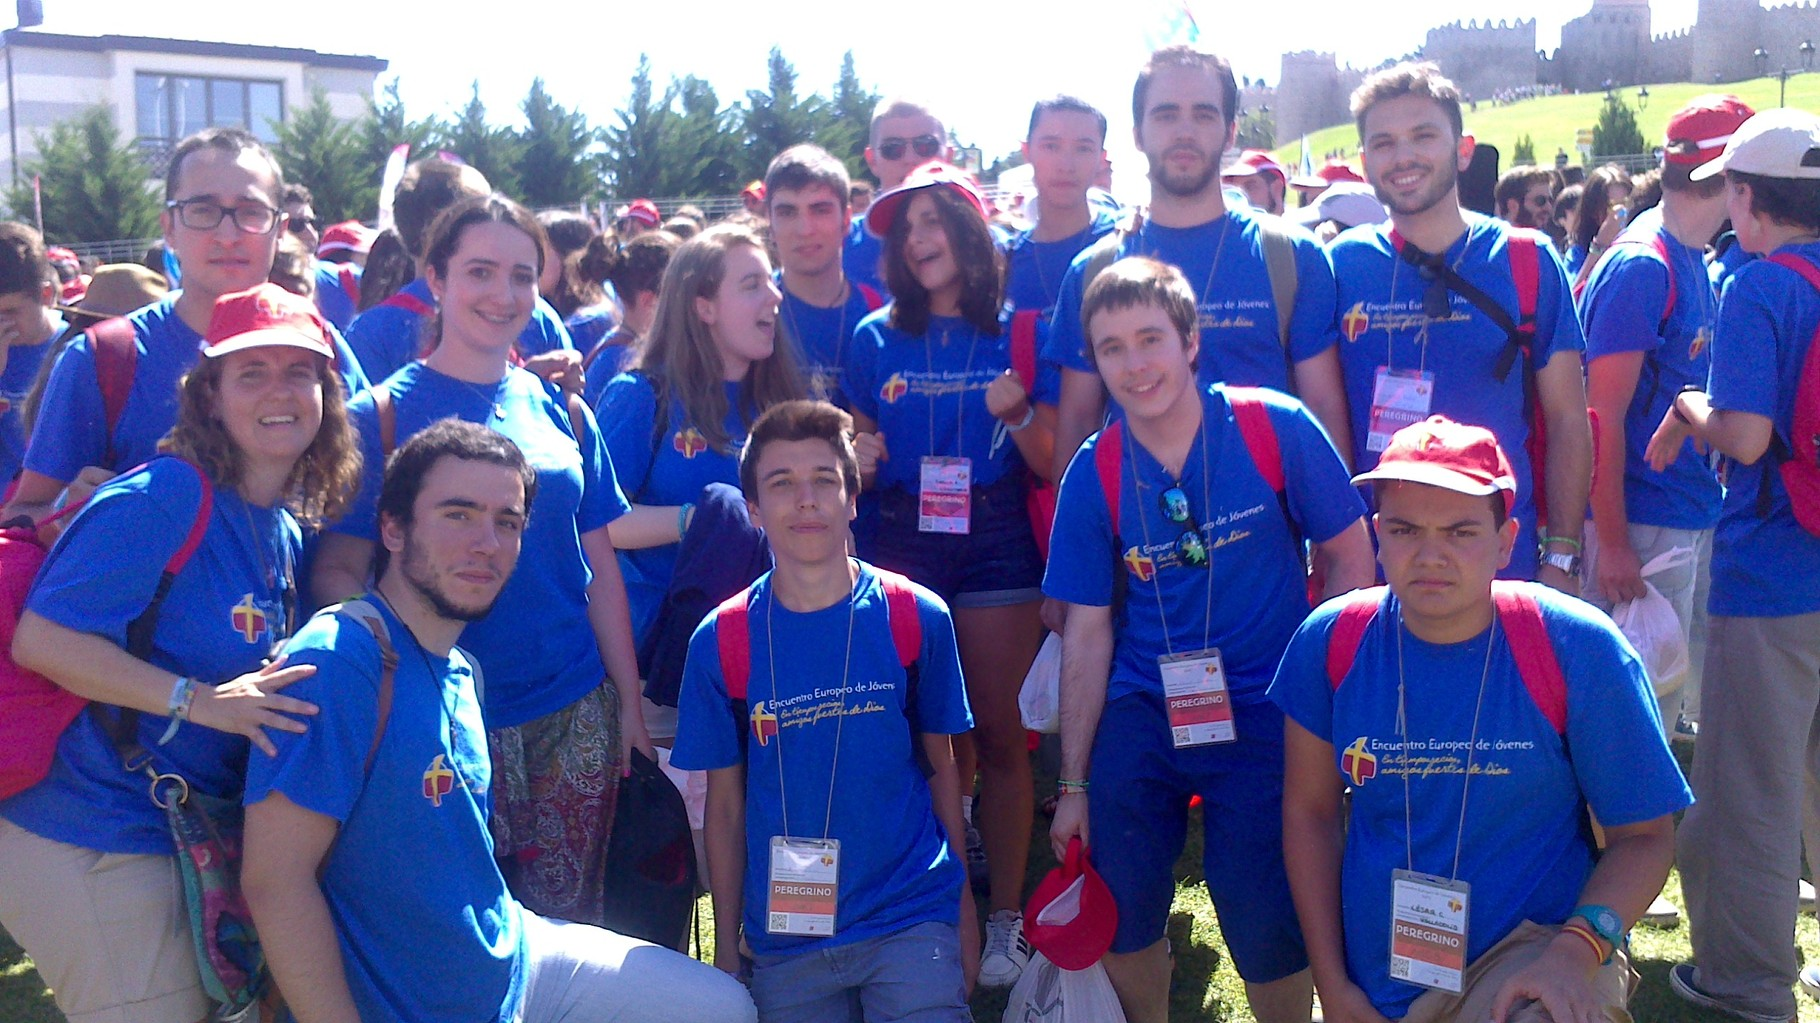 Jóvenes de la parroquia en el Encuentro Europeo de Jóvenes de Ávila - Agosto 2015